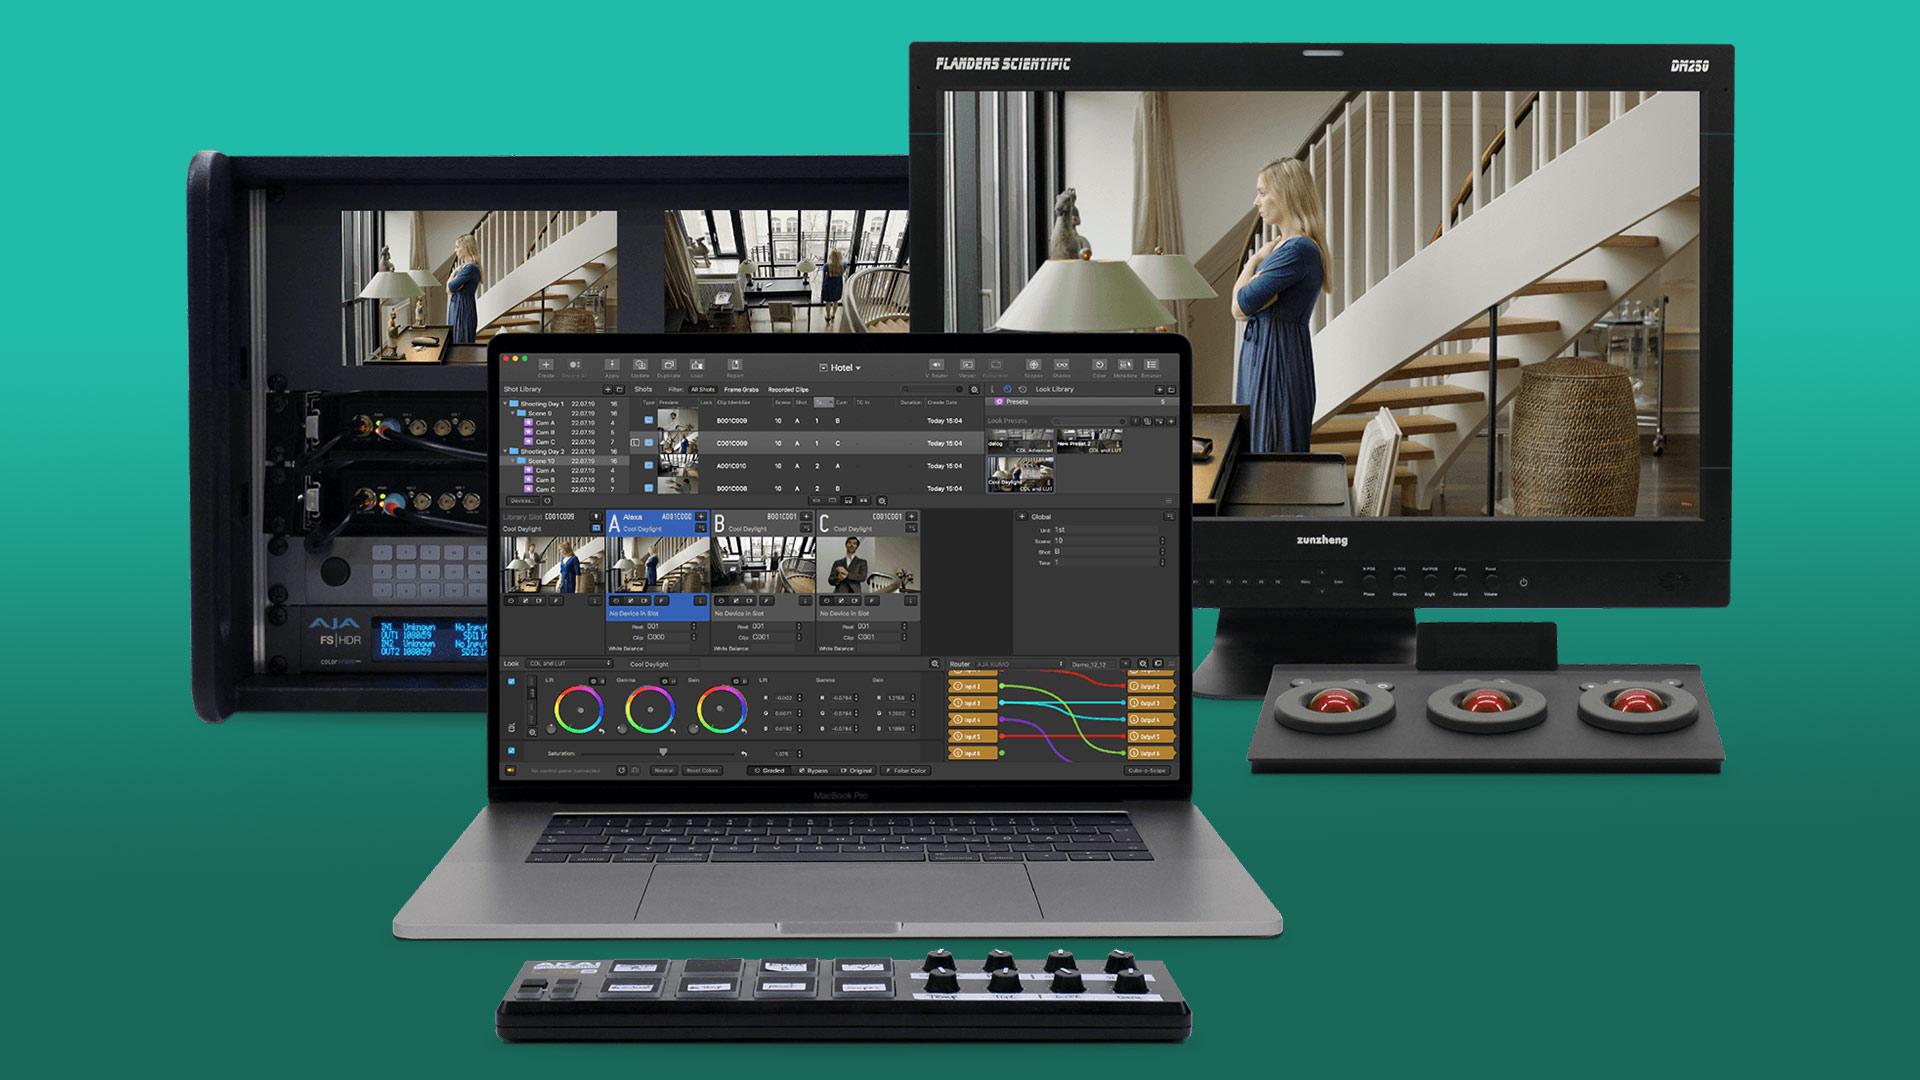 Pomfort Livegrade Studio - Producciones múlti-cámara de forma fácil